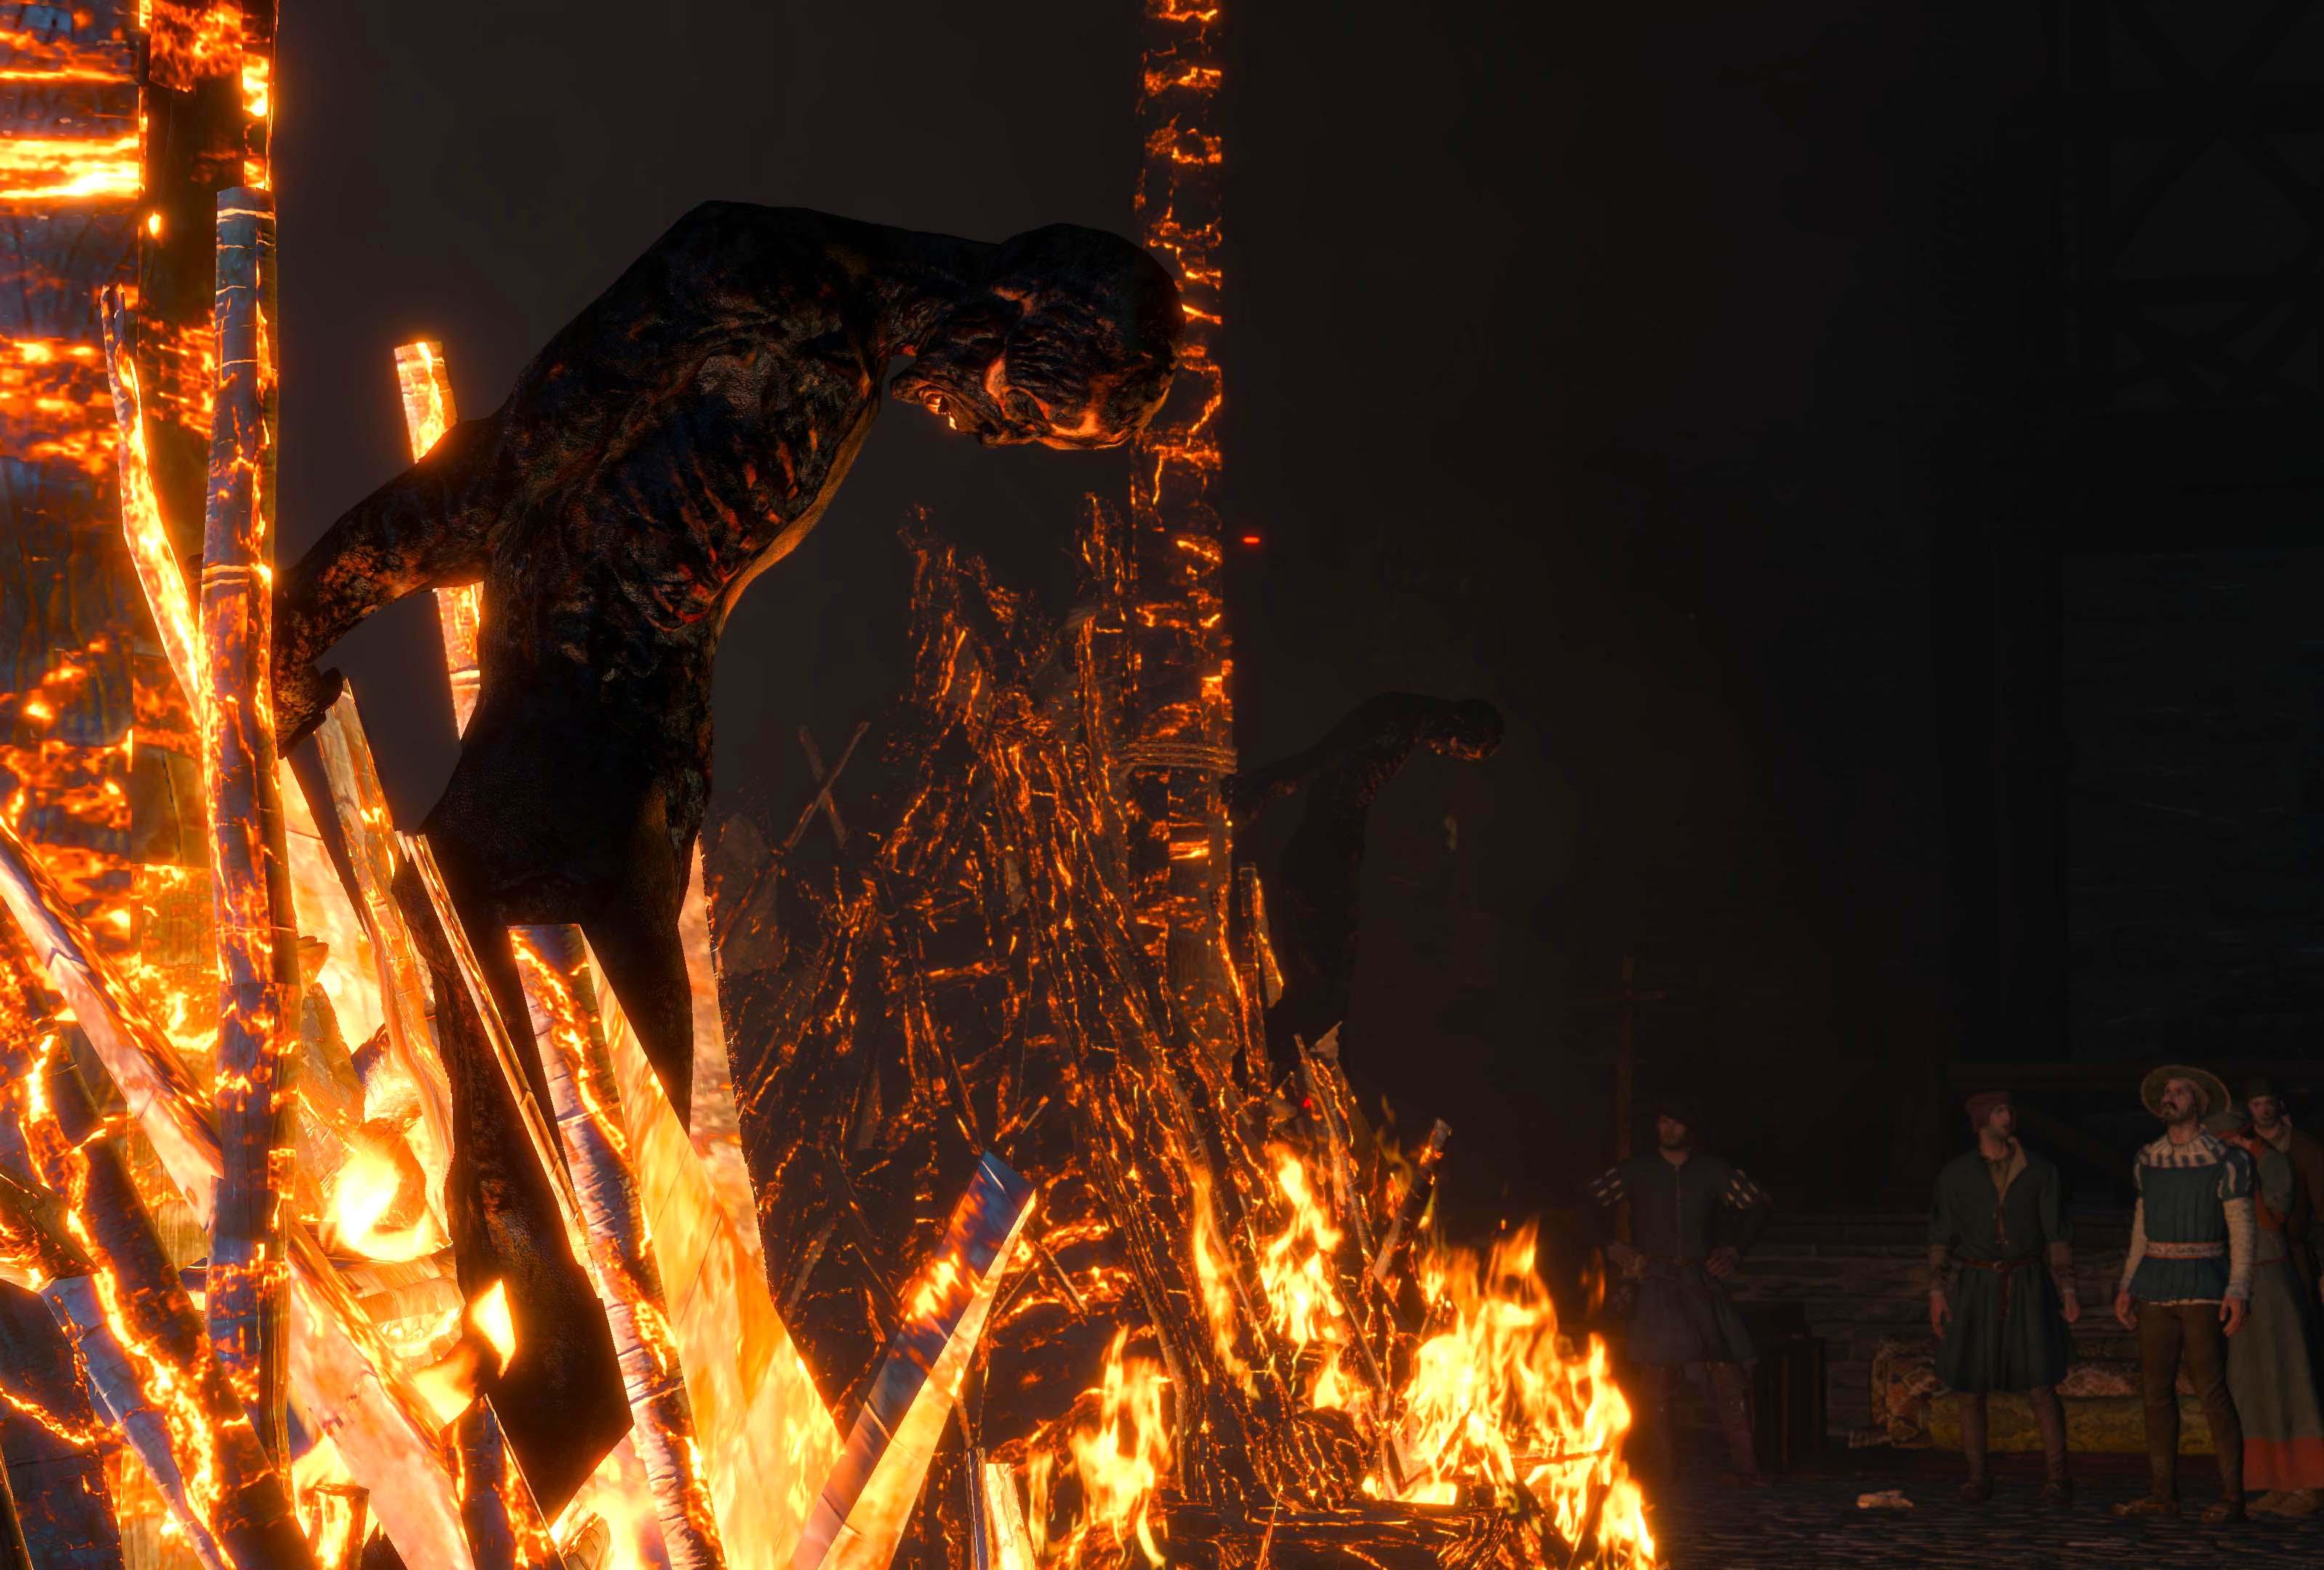 Les bûchers de Novigrad, The Witcher III (Wild Hunt), 2015